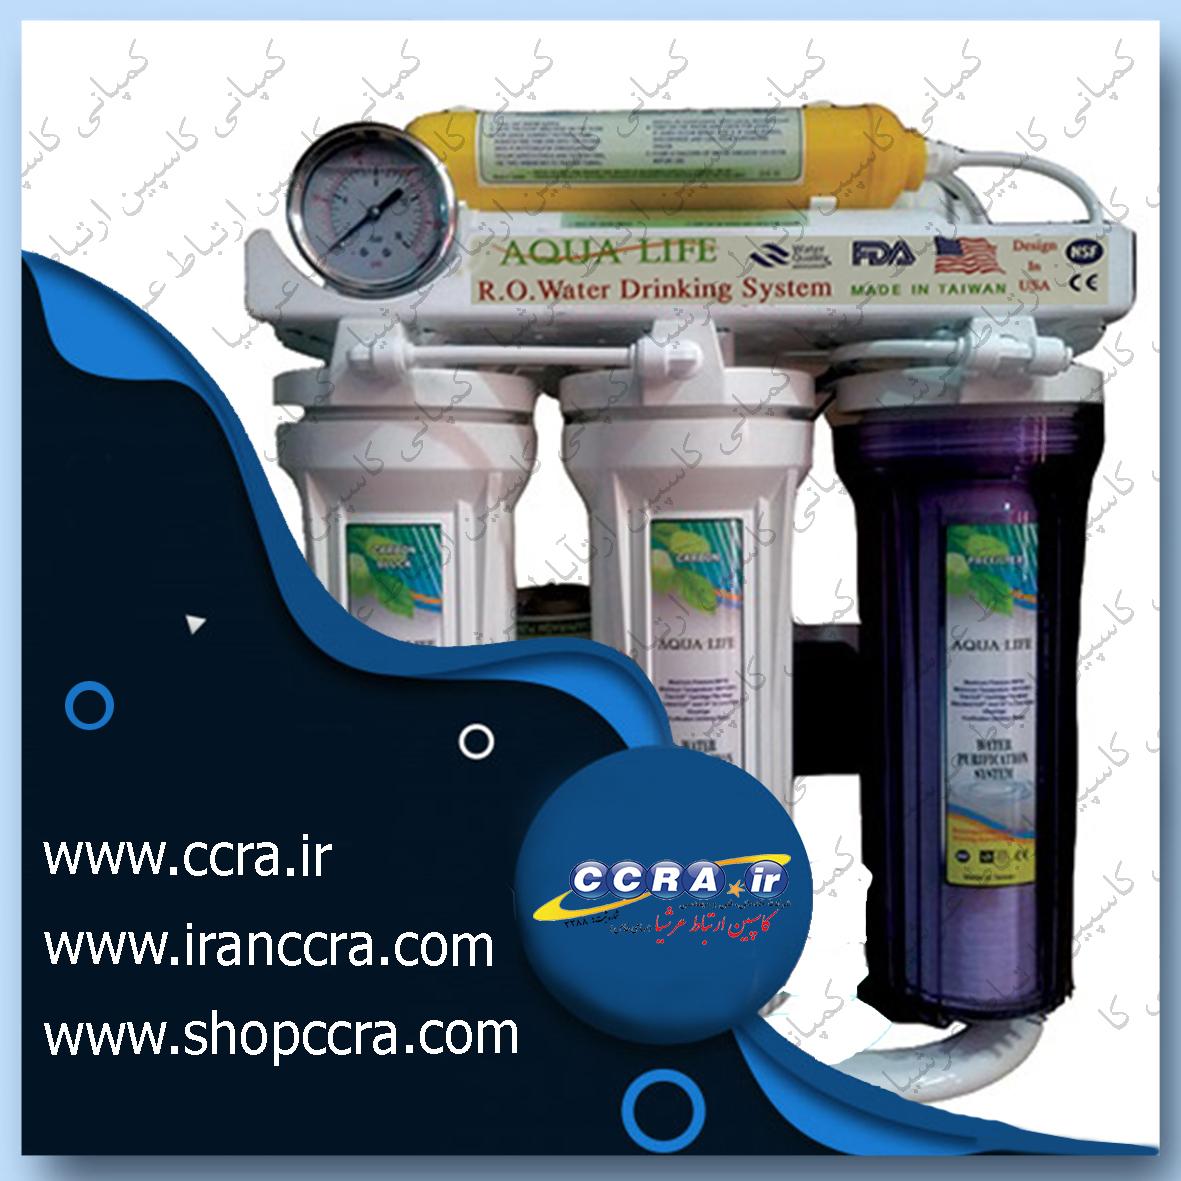 موارد استفاده از پساب دستگاه تصفیه آب خانگی آکوالایف